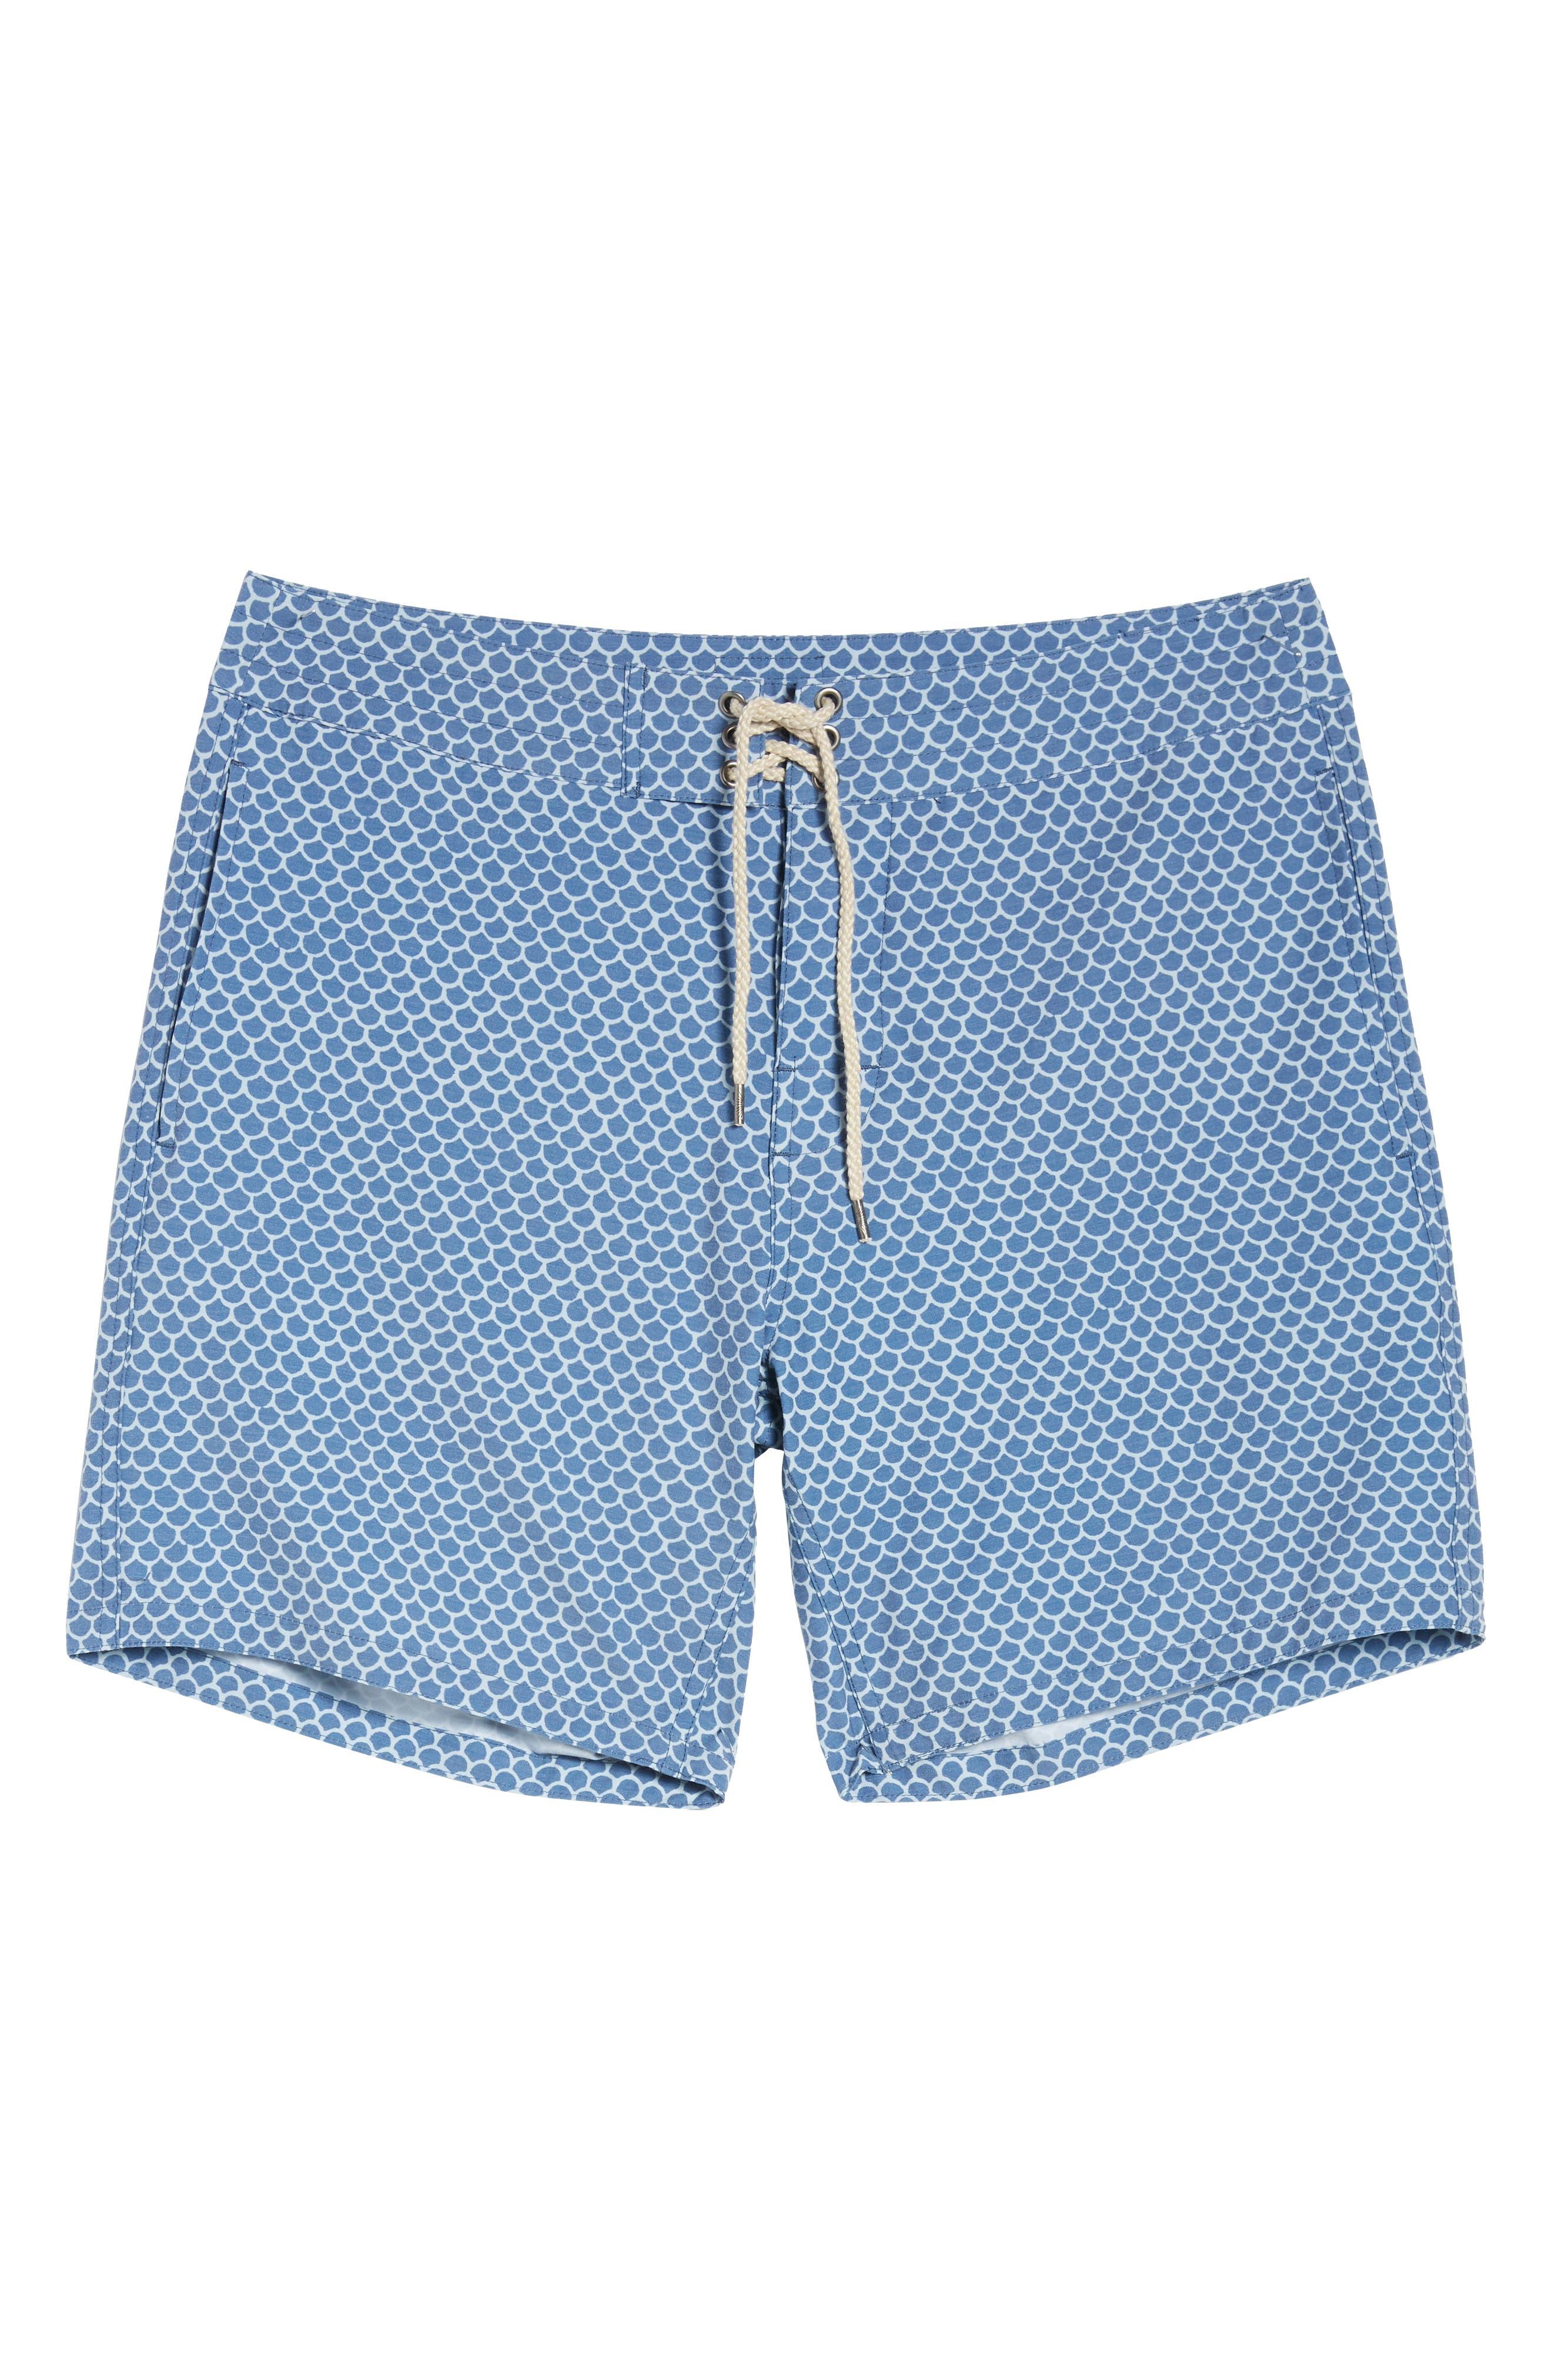 Classic Board Shorts,                             Alternate thumbnail 6, color,                             FISHSCALE BATIK